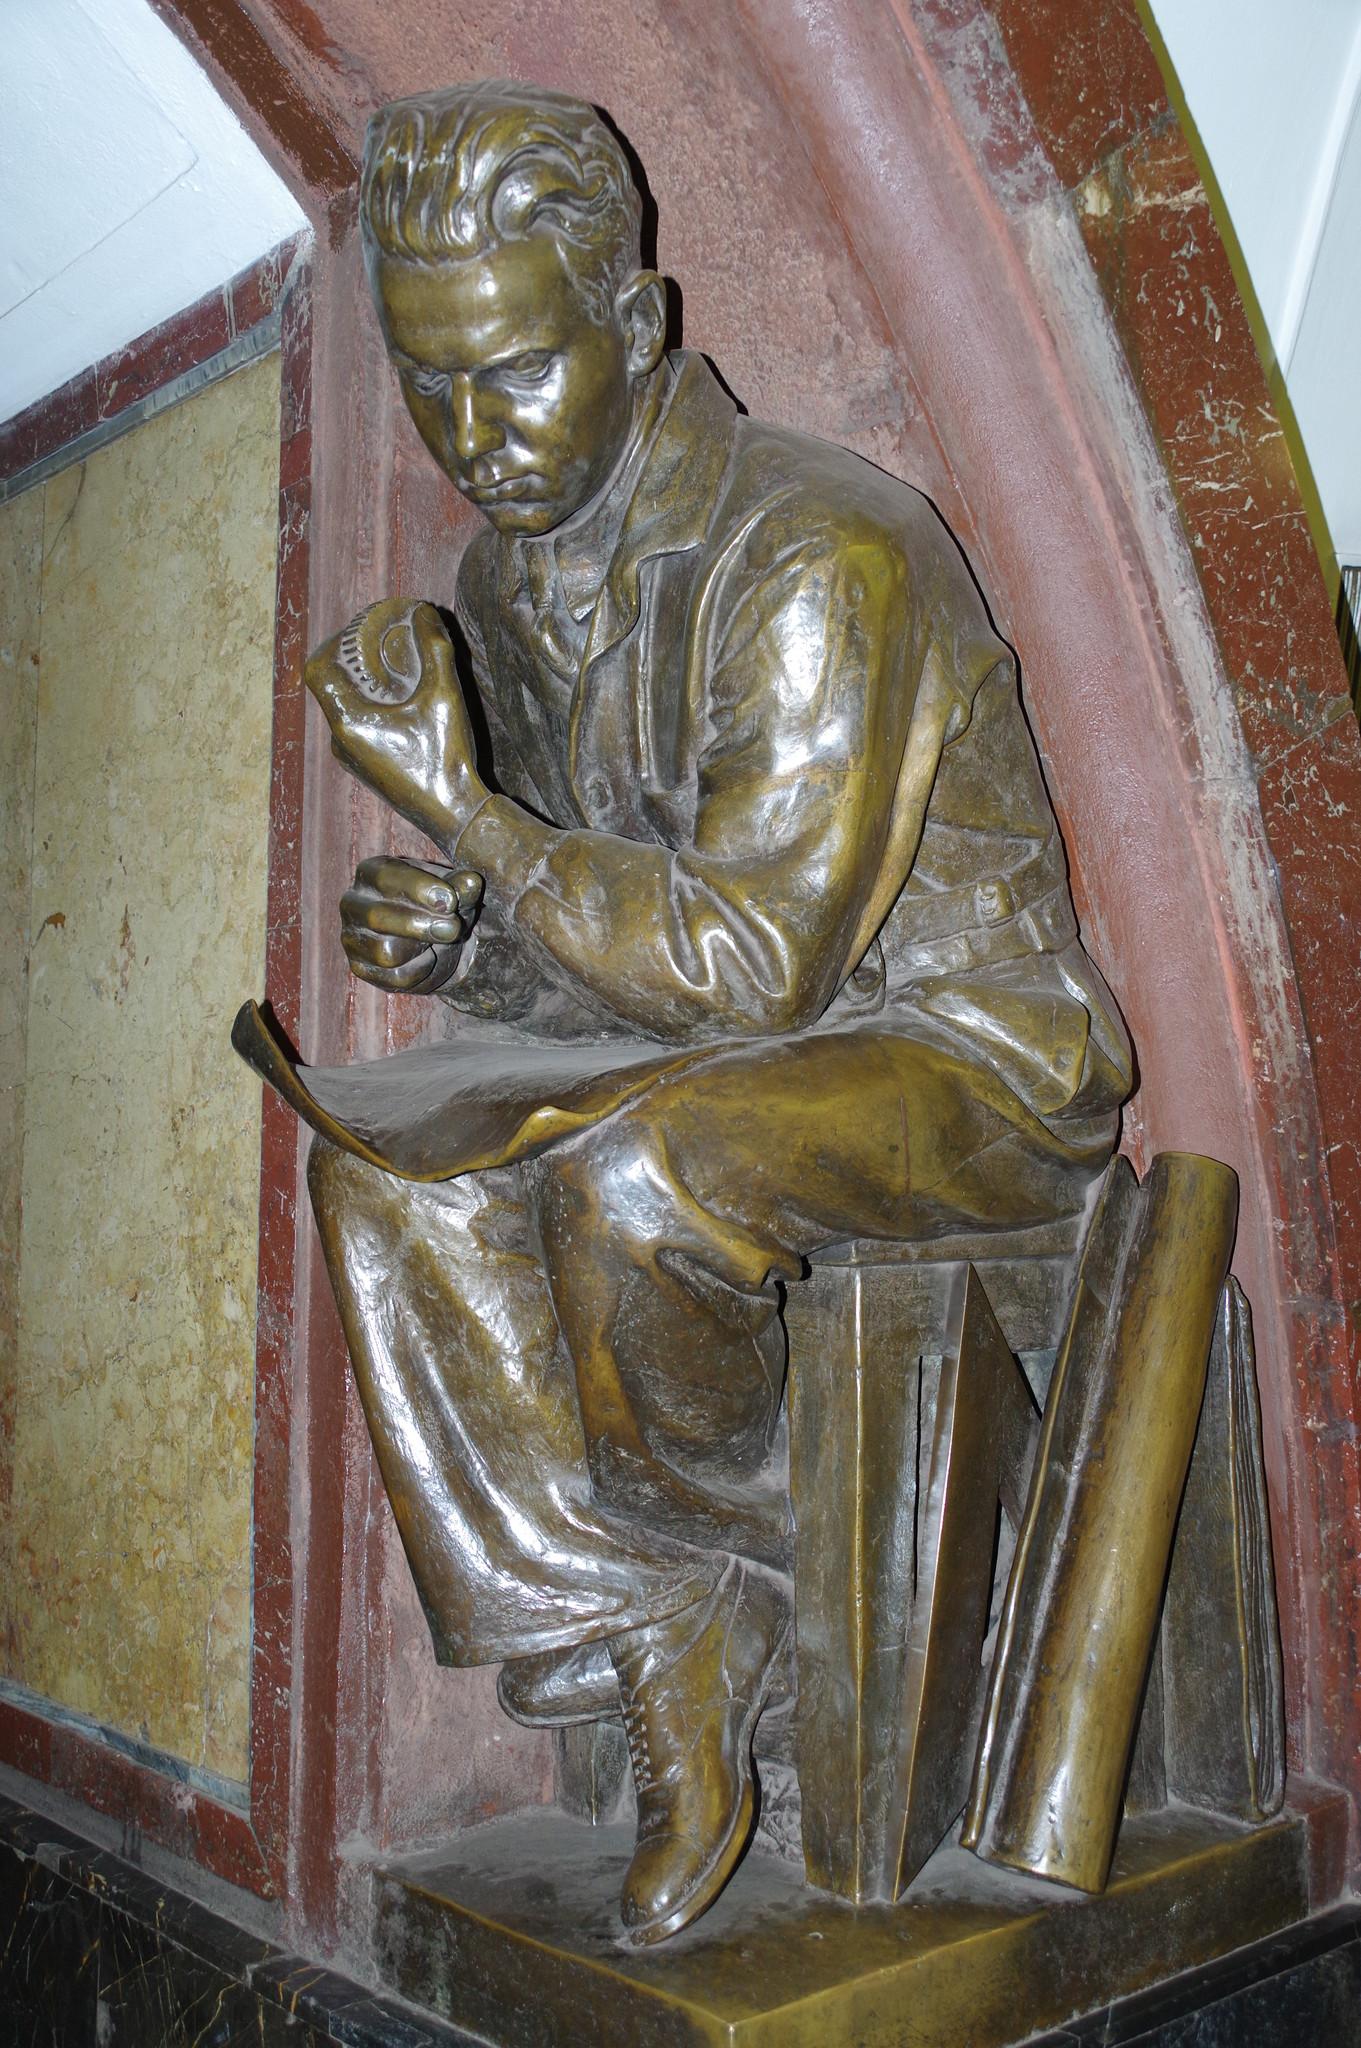 Скульптура «Молодой инженер». В левой руке он держит шестерню, а в правой держал циркуль (в настоящее время у всех четырёх скульптур он отсутствует)